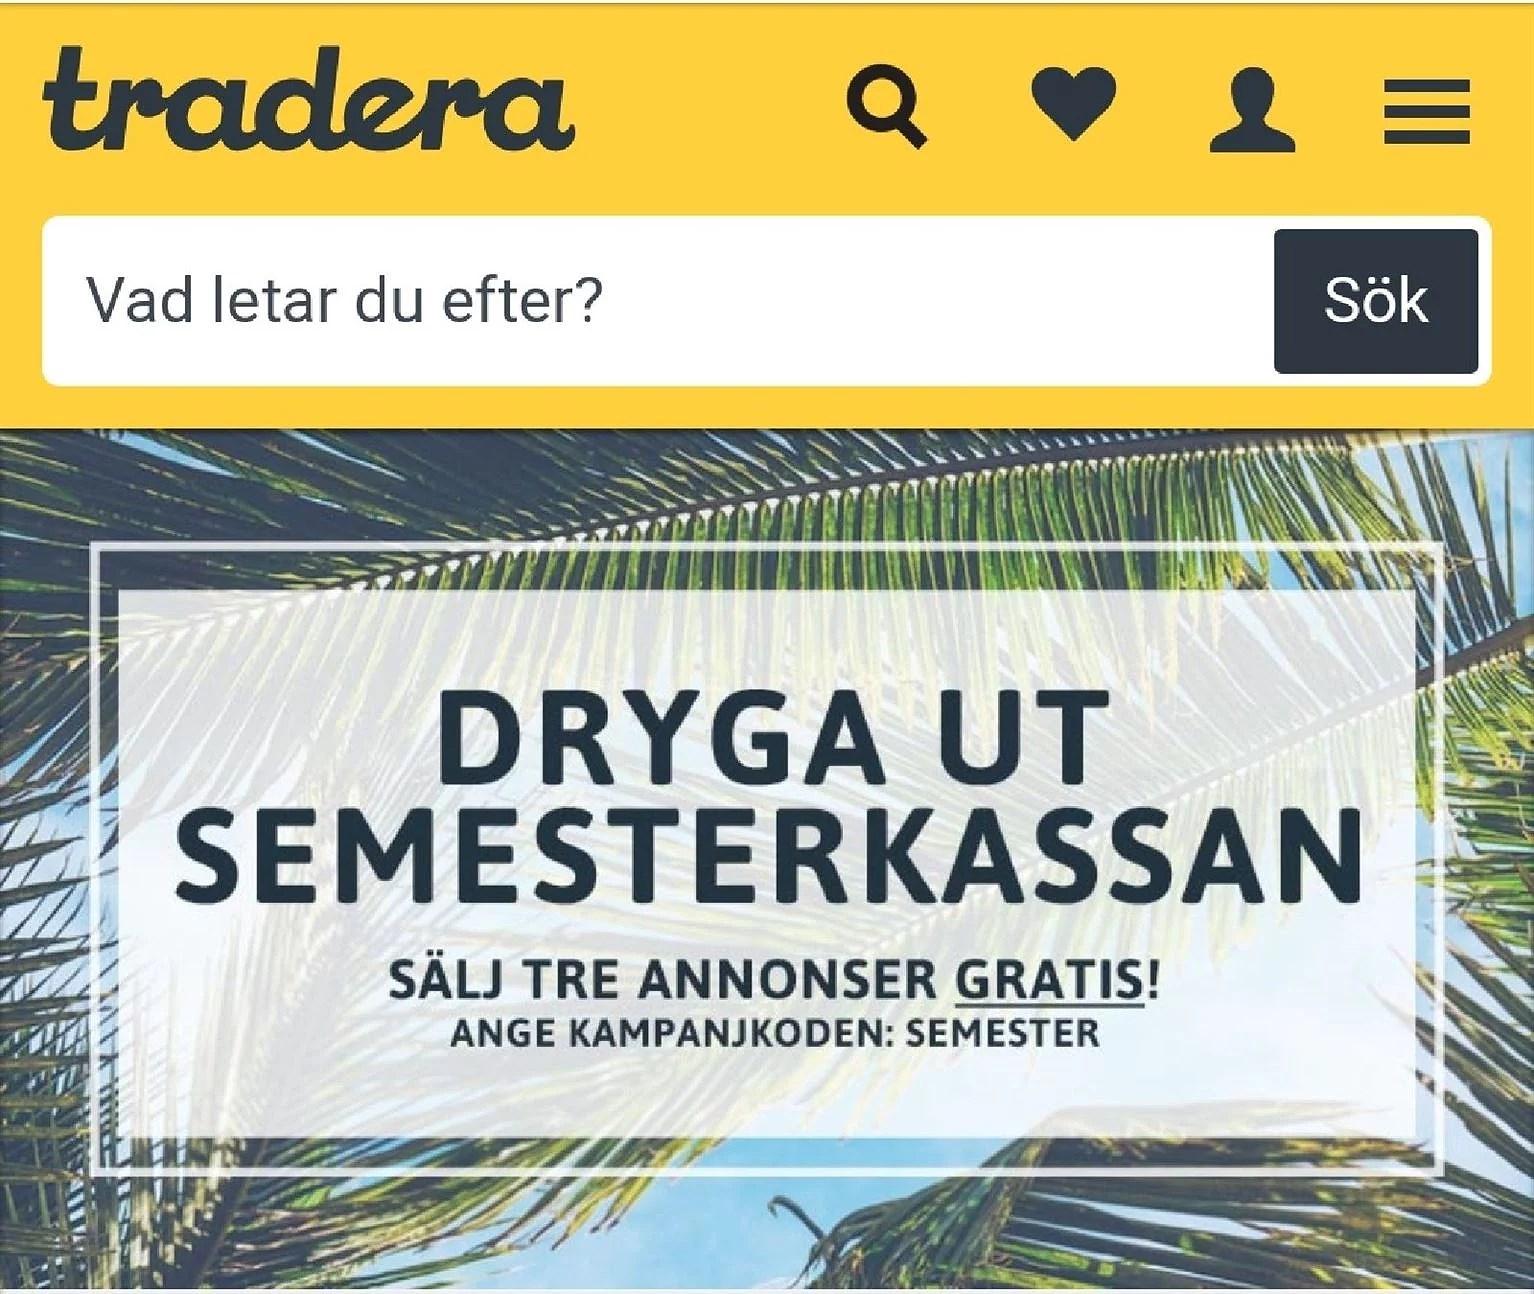 Tradera 3 annonser gratis